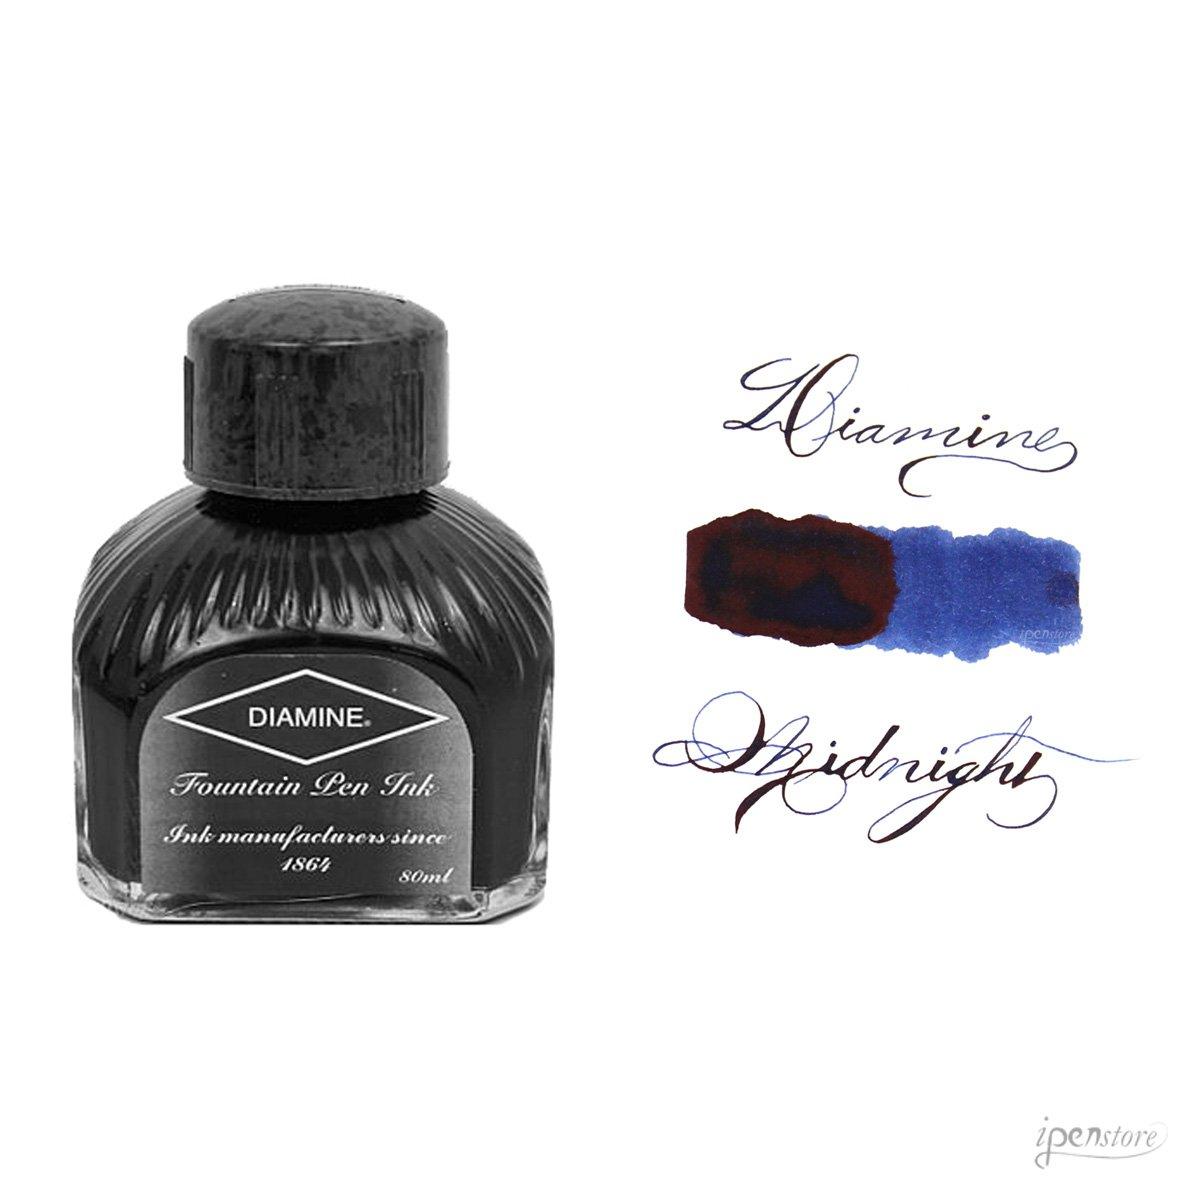 Diamine 80ml Midnight fountain pen ink